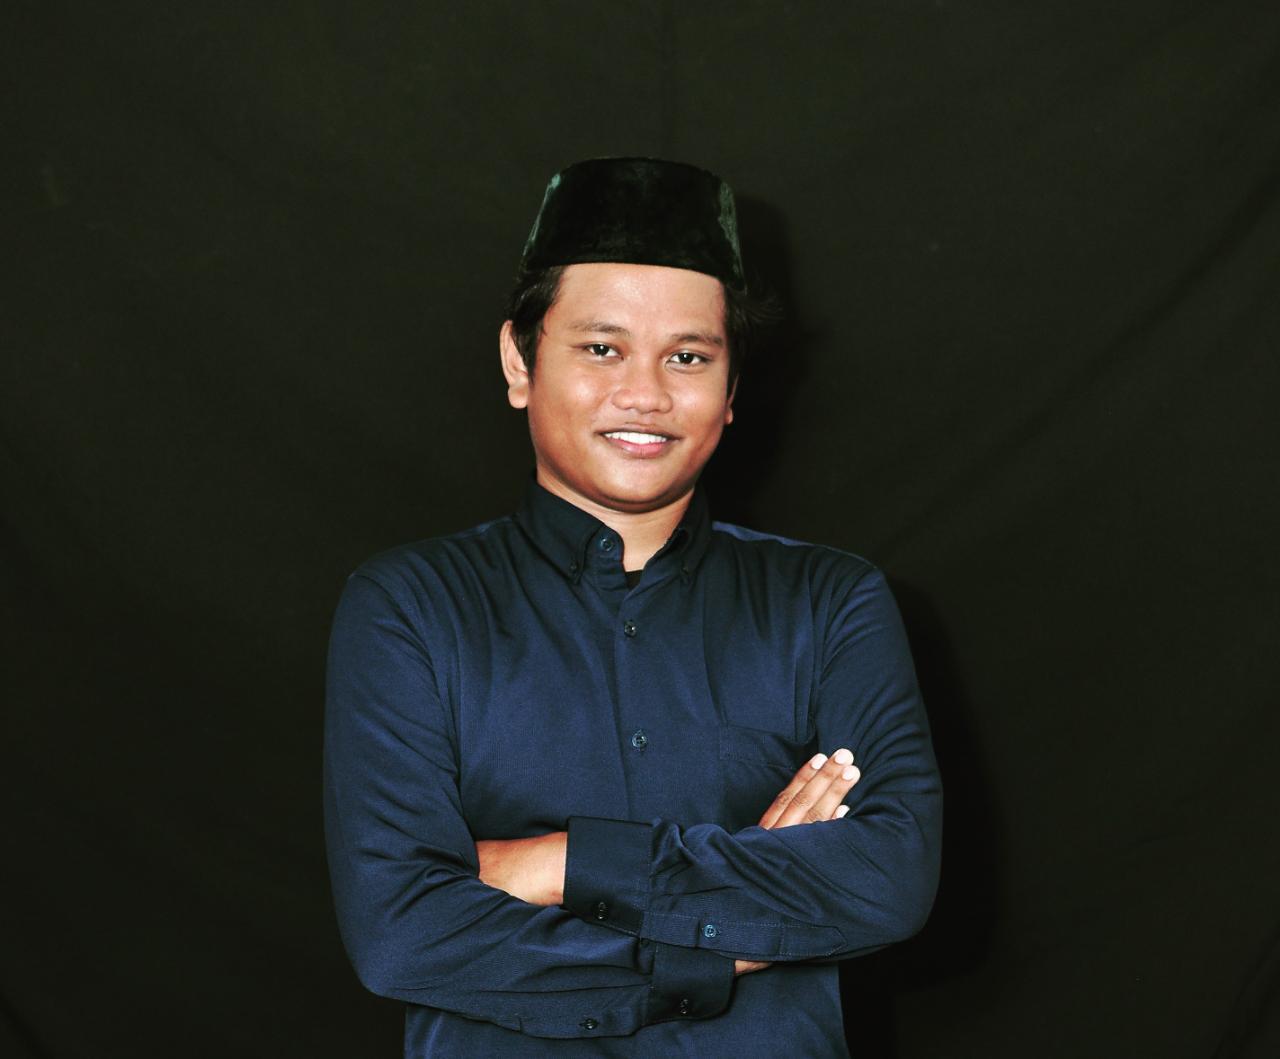 Pasca Dilantik Anggota BPD, Irwan: BPD Desa Papanloe Harus Mendesak Pemdes Untuk Merutinitaskan Dialog Kepemudaan